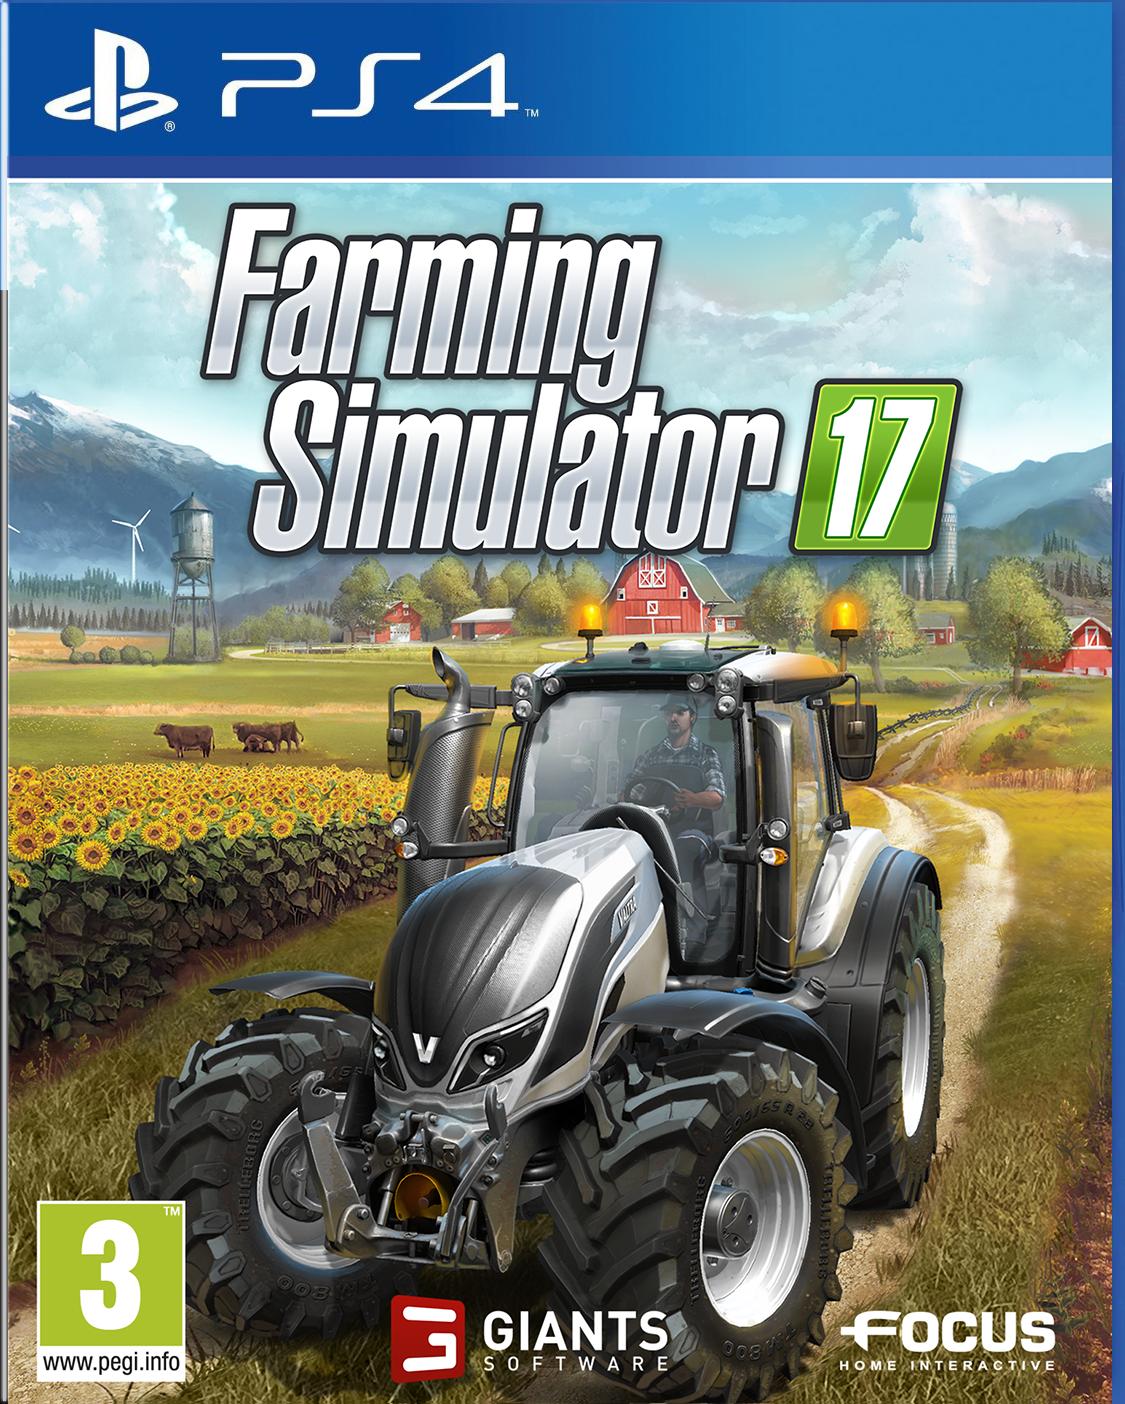 """Résultat de recherche d'images pour """"farming simulator 2017 cover"""""""